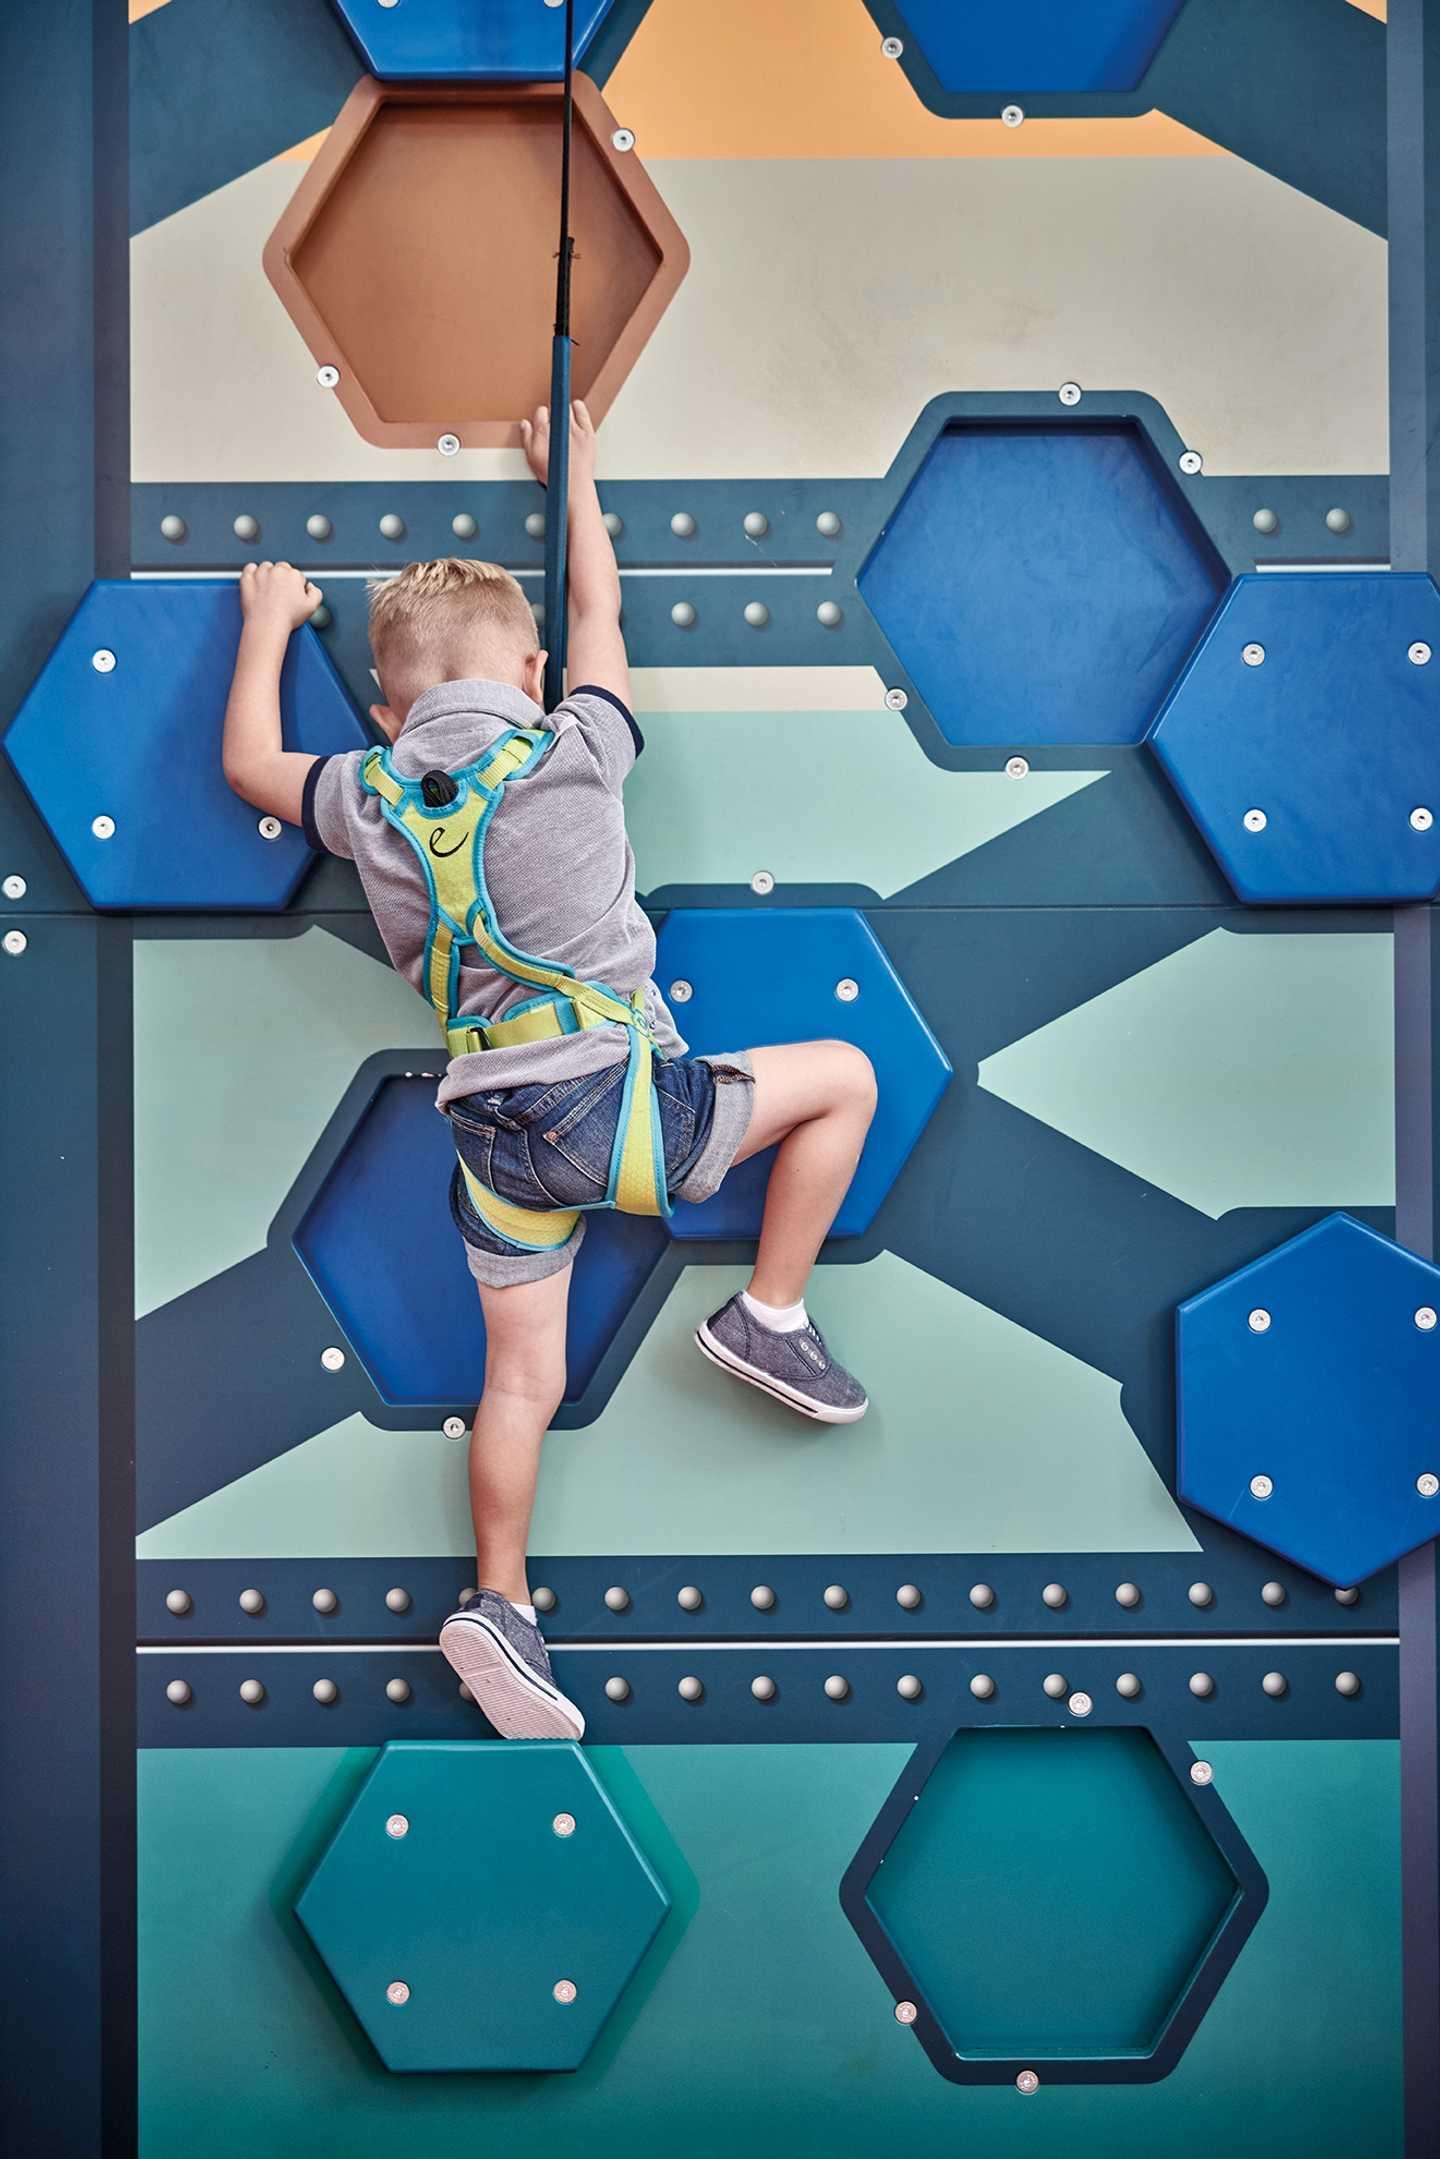 Mini Crazy Climber